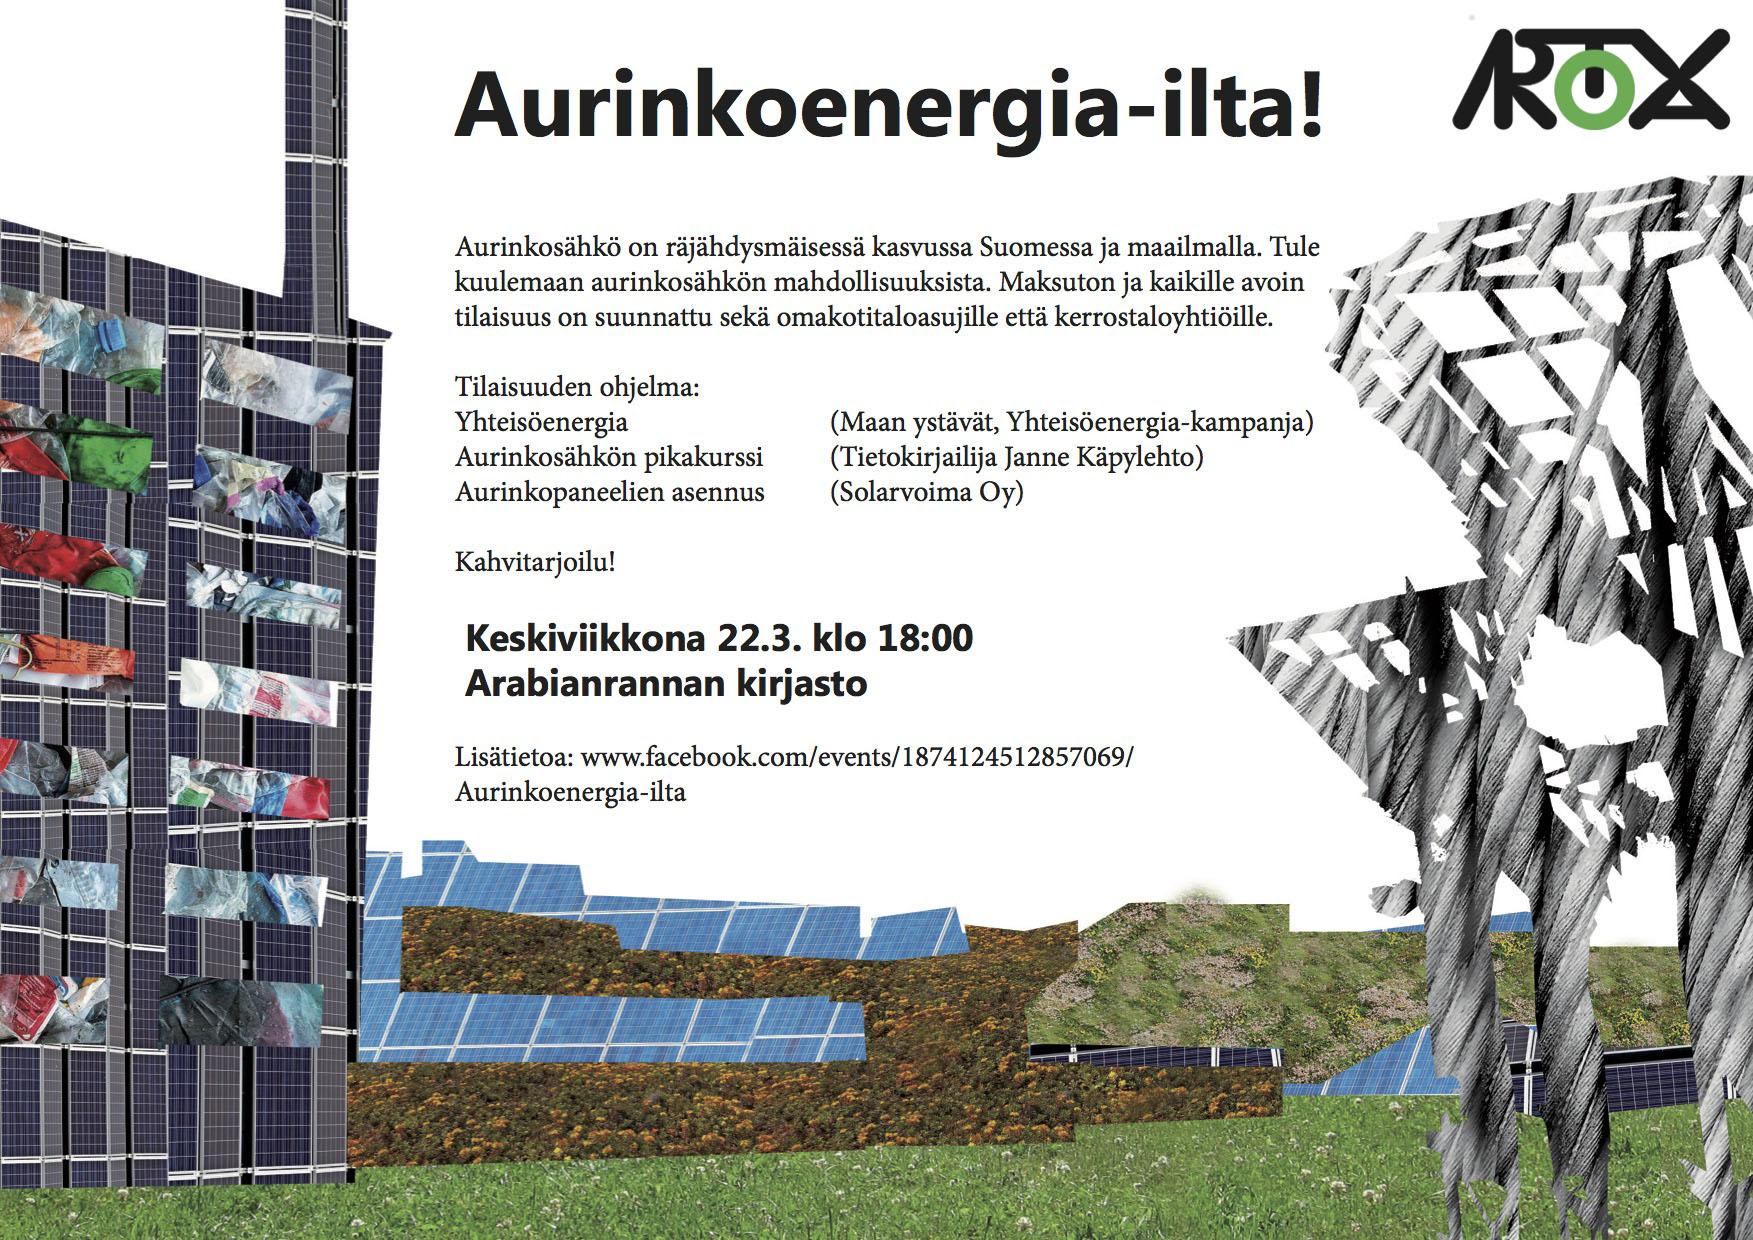 aurinkoenergiailta